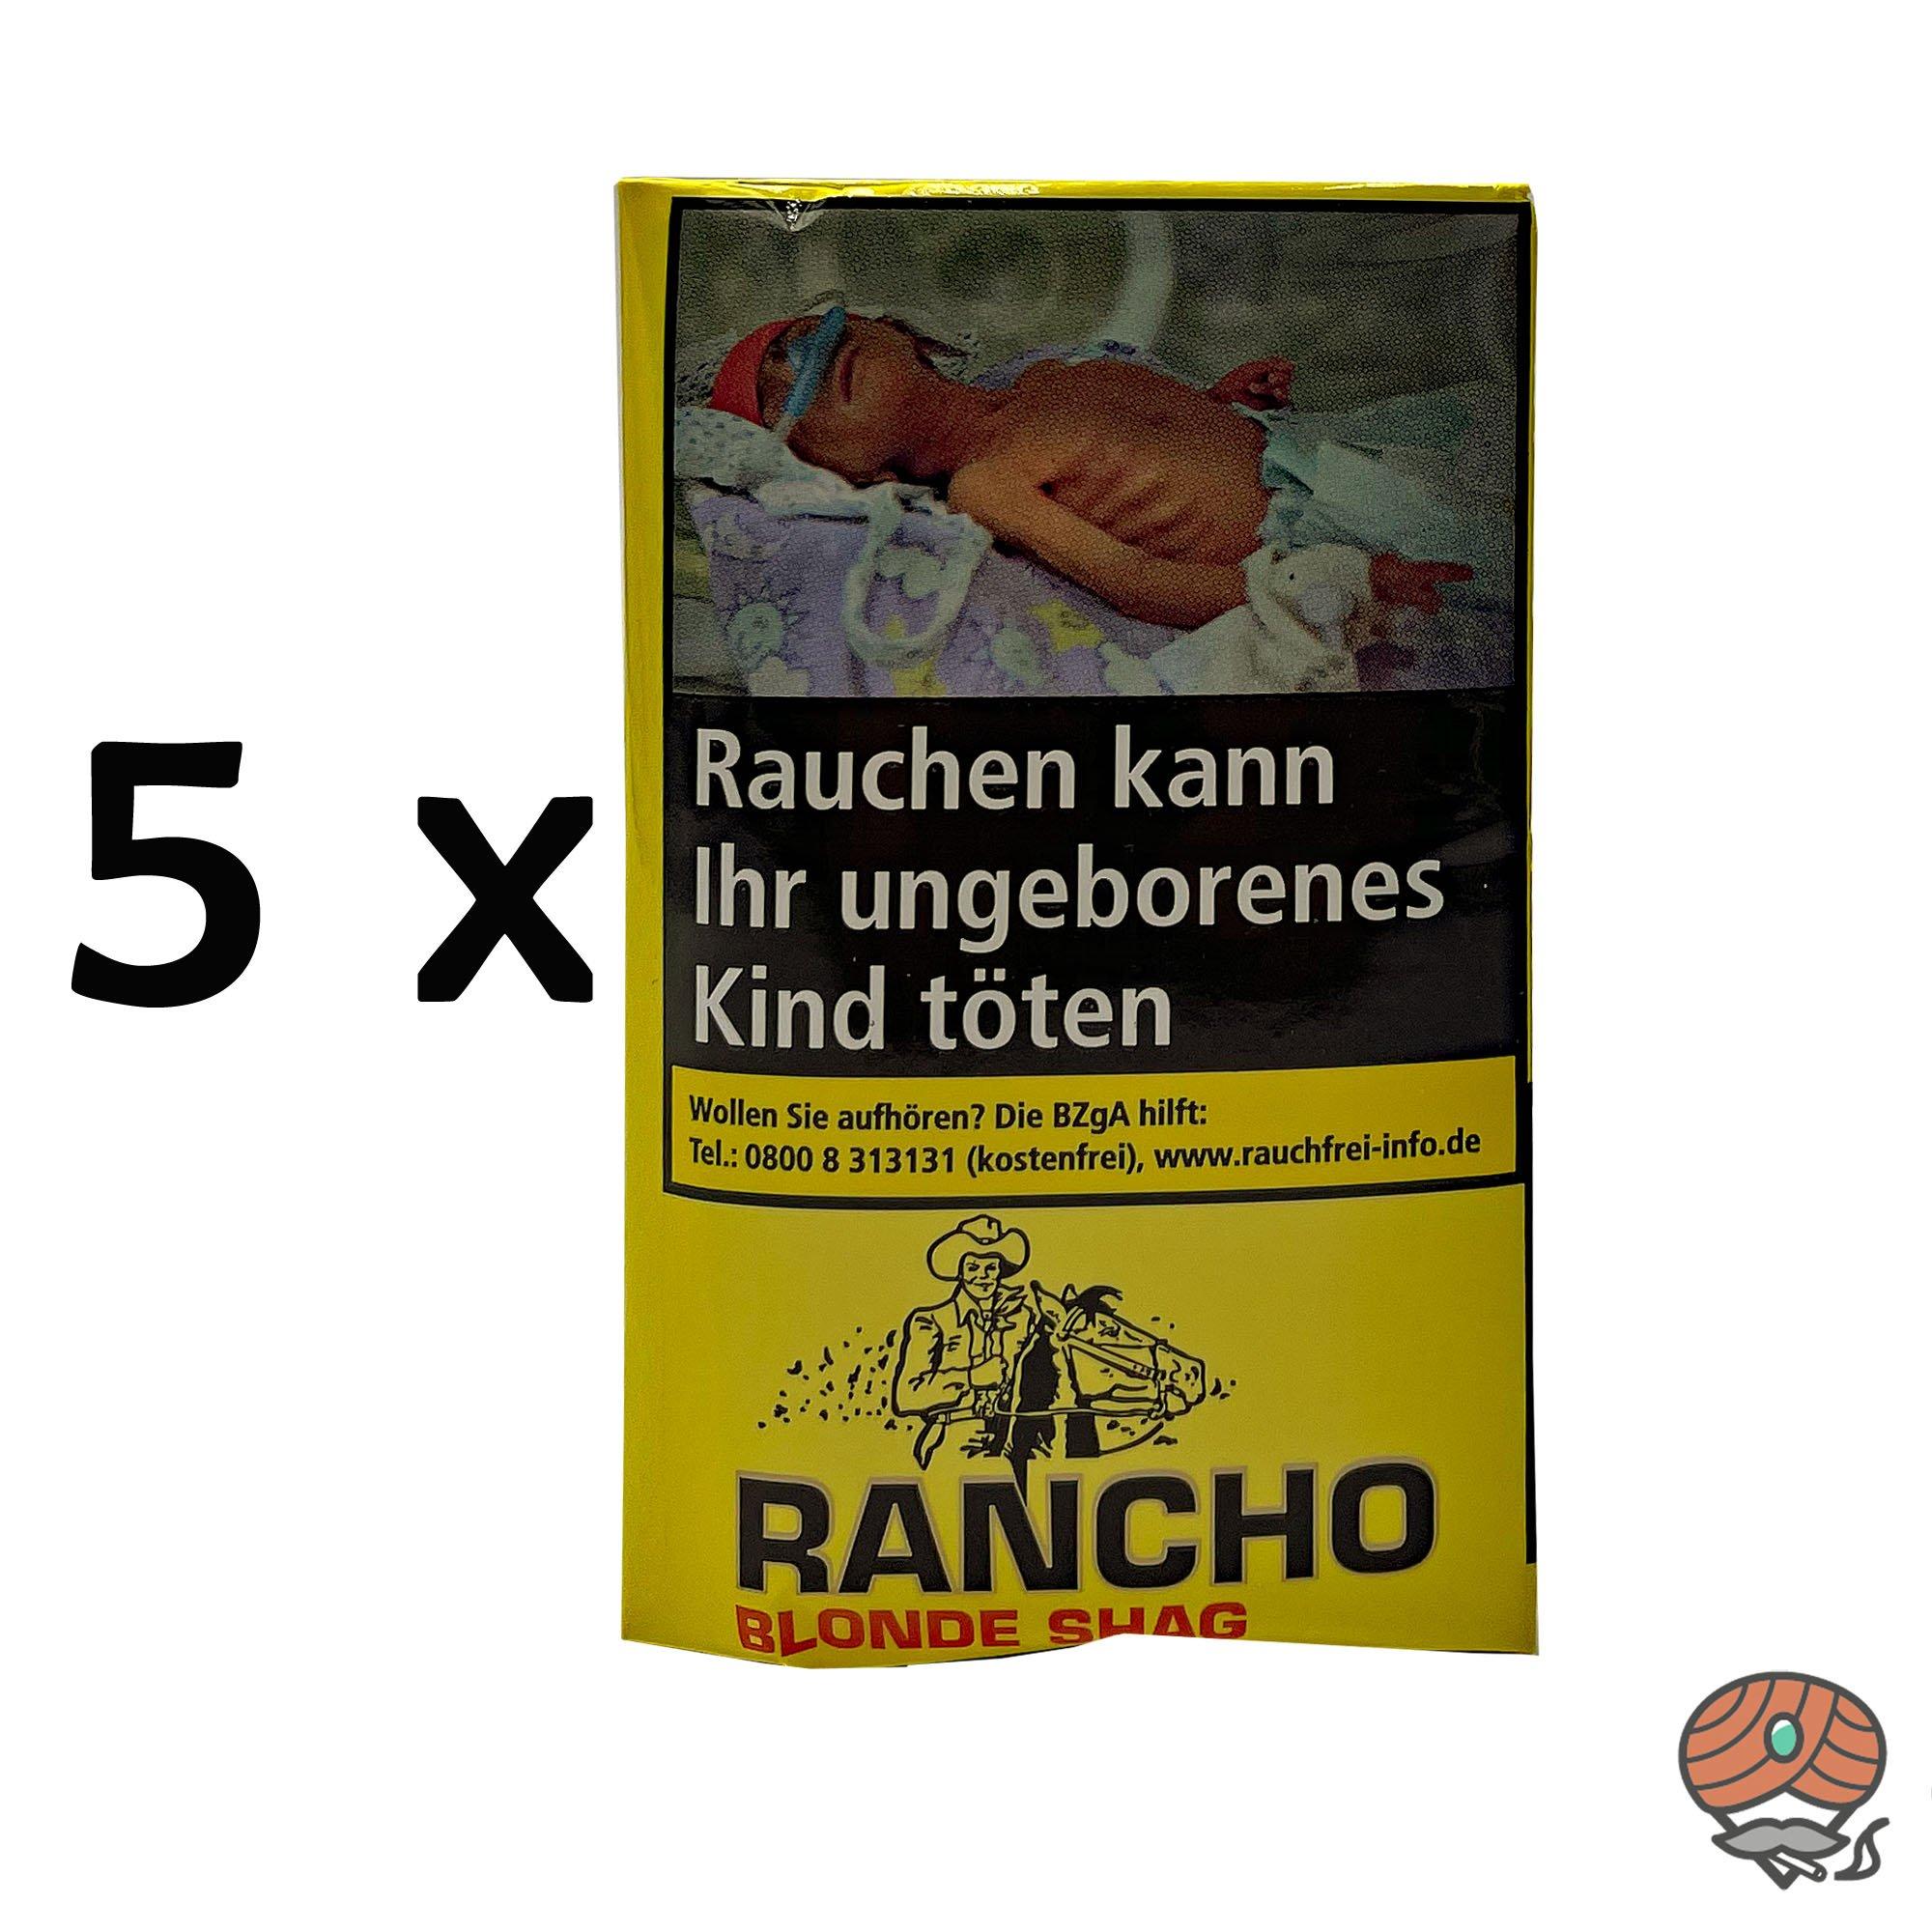 5x Rancho Blonde Shag Zigarettentabak à 40g Beutel / Pouch